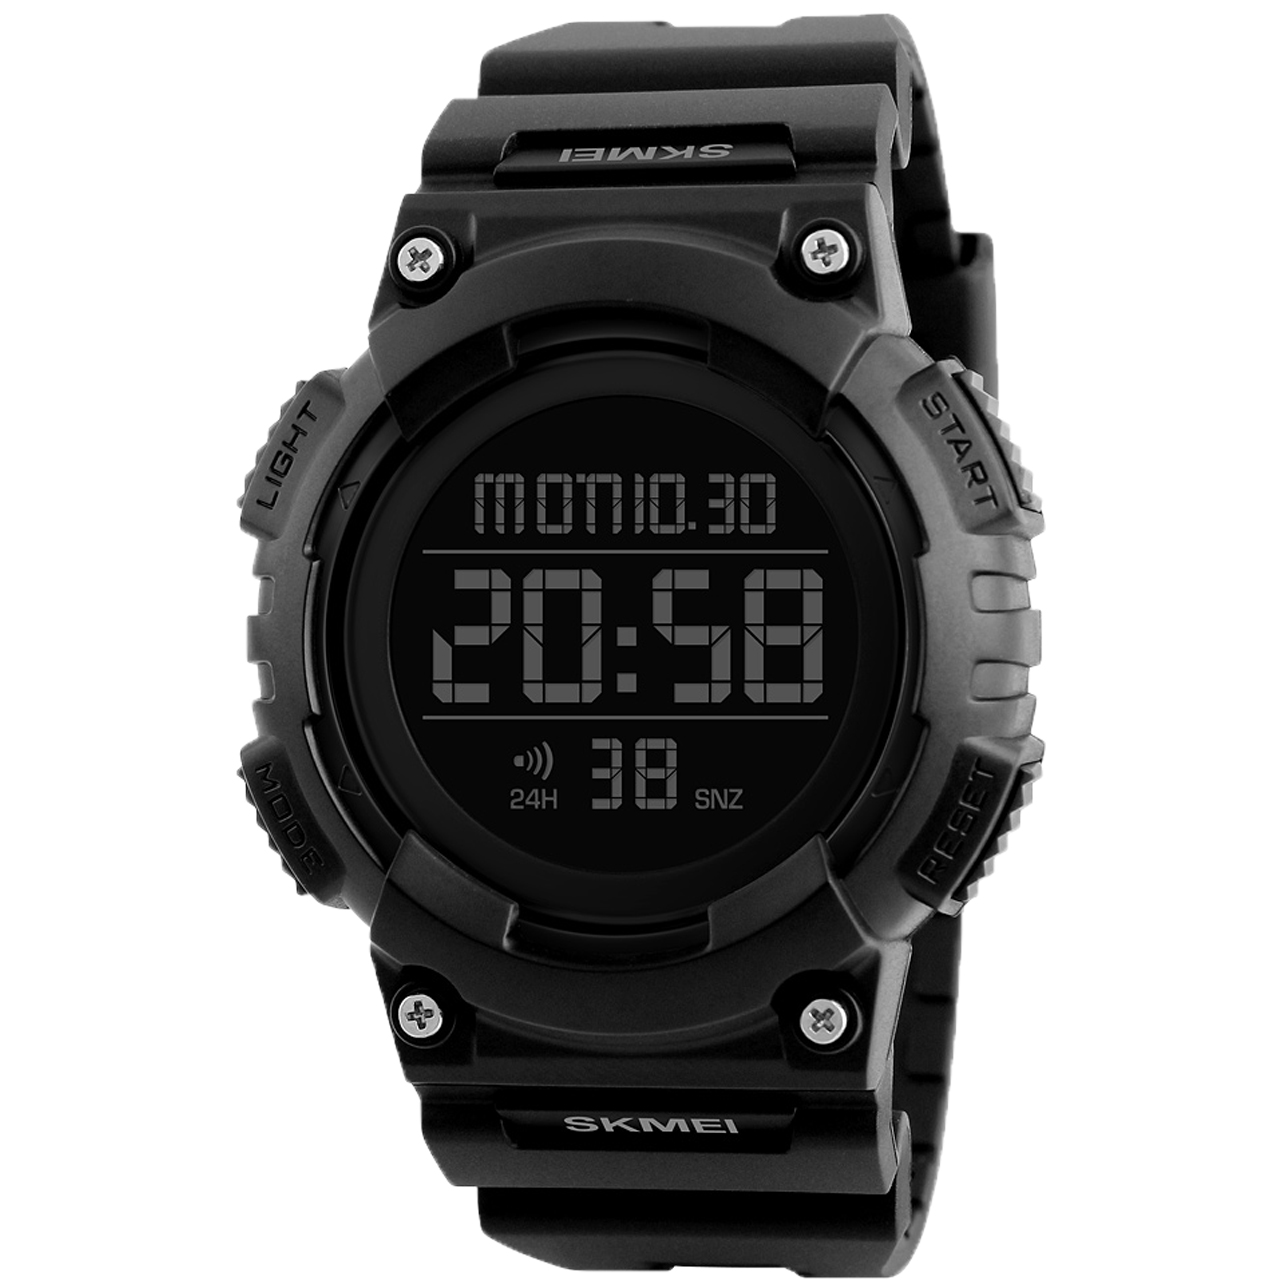 ساعت مچی دیجیتال مردانه اسکمی مدل 1248 5